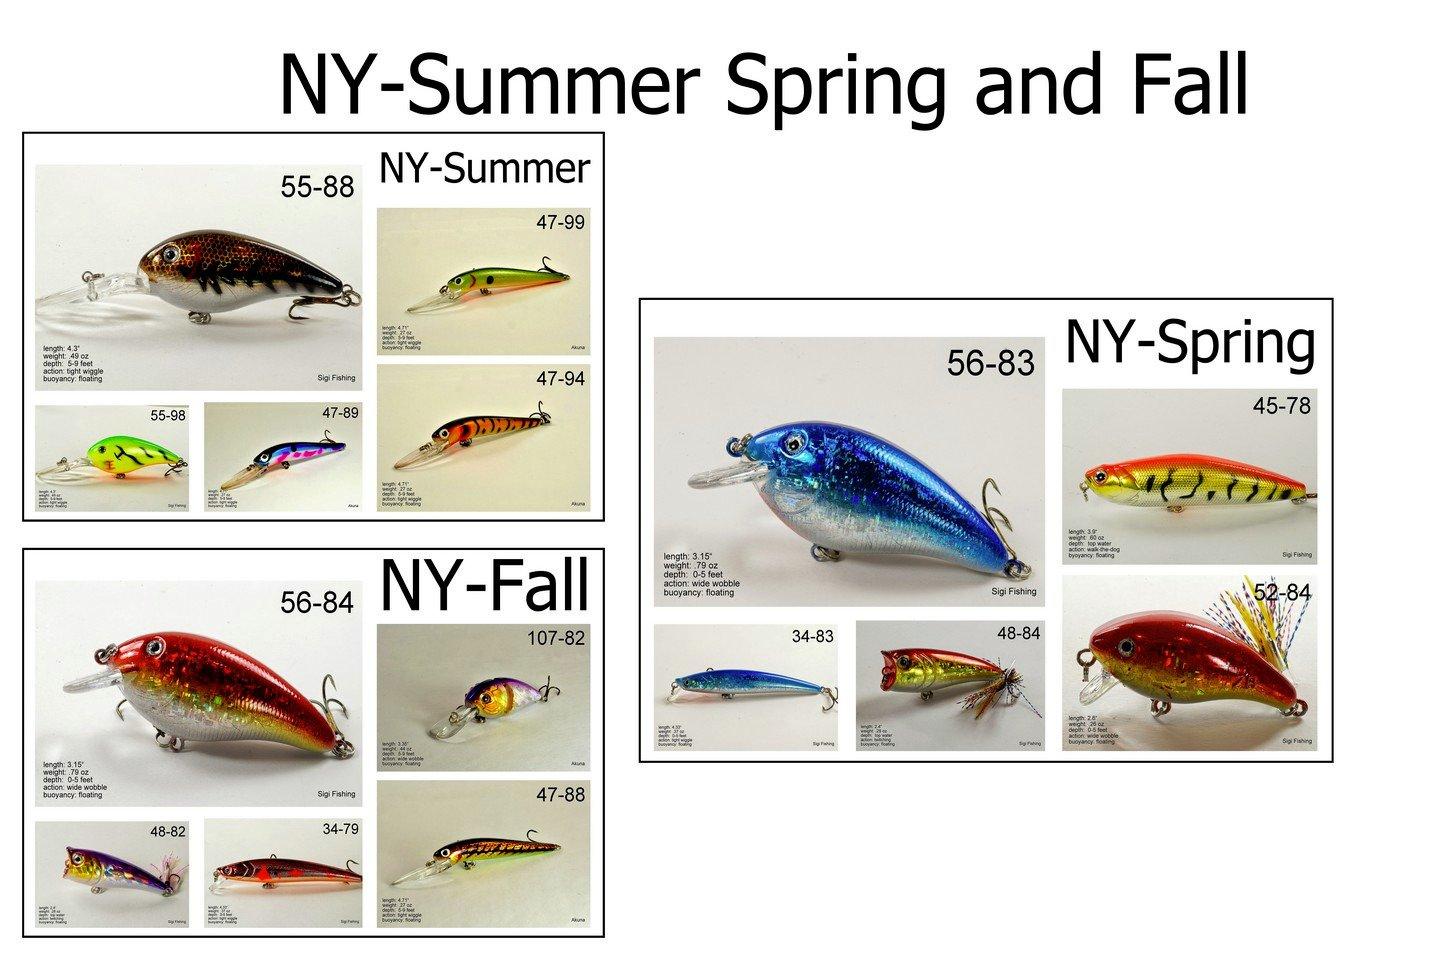 公式の店舗 Akuna 季節ごとのルアー アメリカの50州それぞれのバス釣り用 B00KXHU91A Fall Fall - Fall 5 pack|ニューヨーク ニューヨーク ニューヨーク Fall - 5 pack, 飯盛町:9e71ebf5 --- svecha37.ru